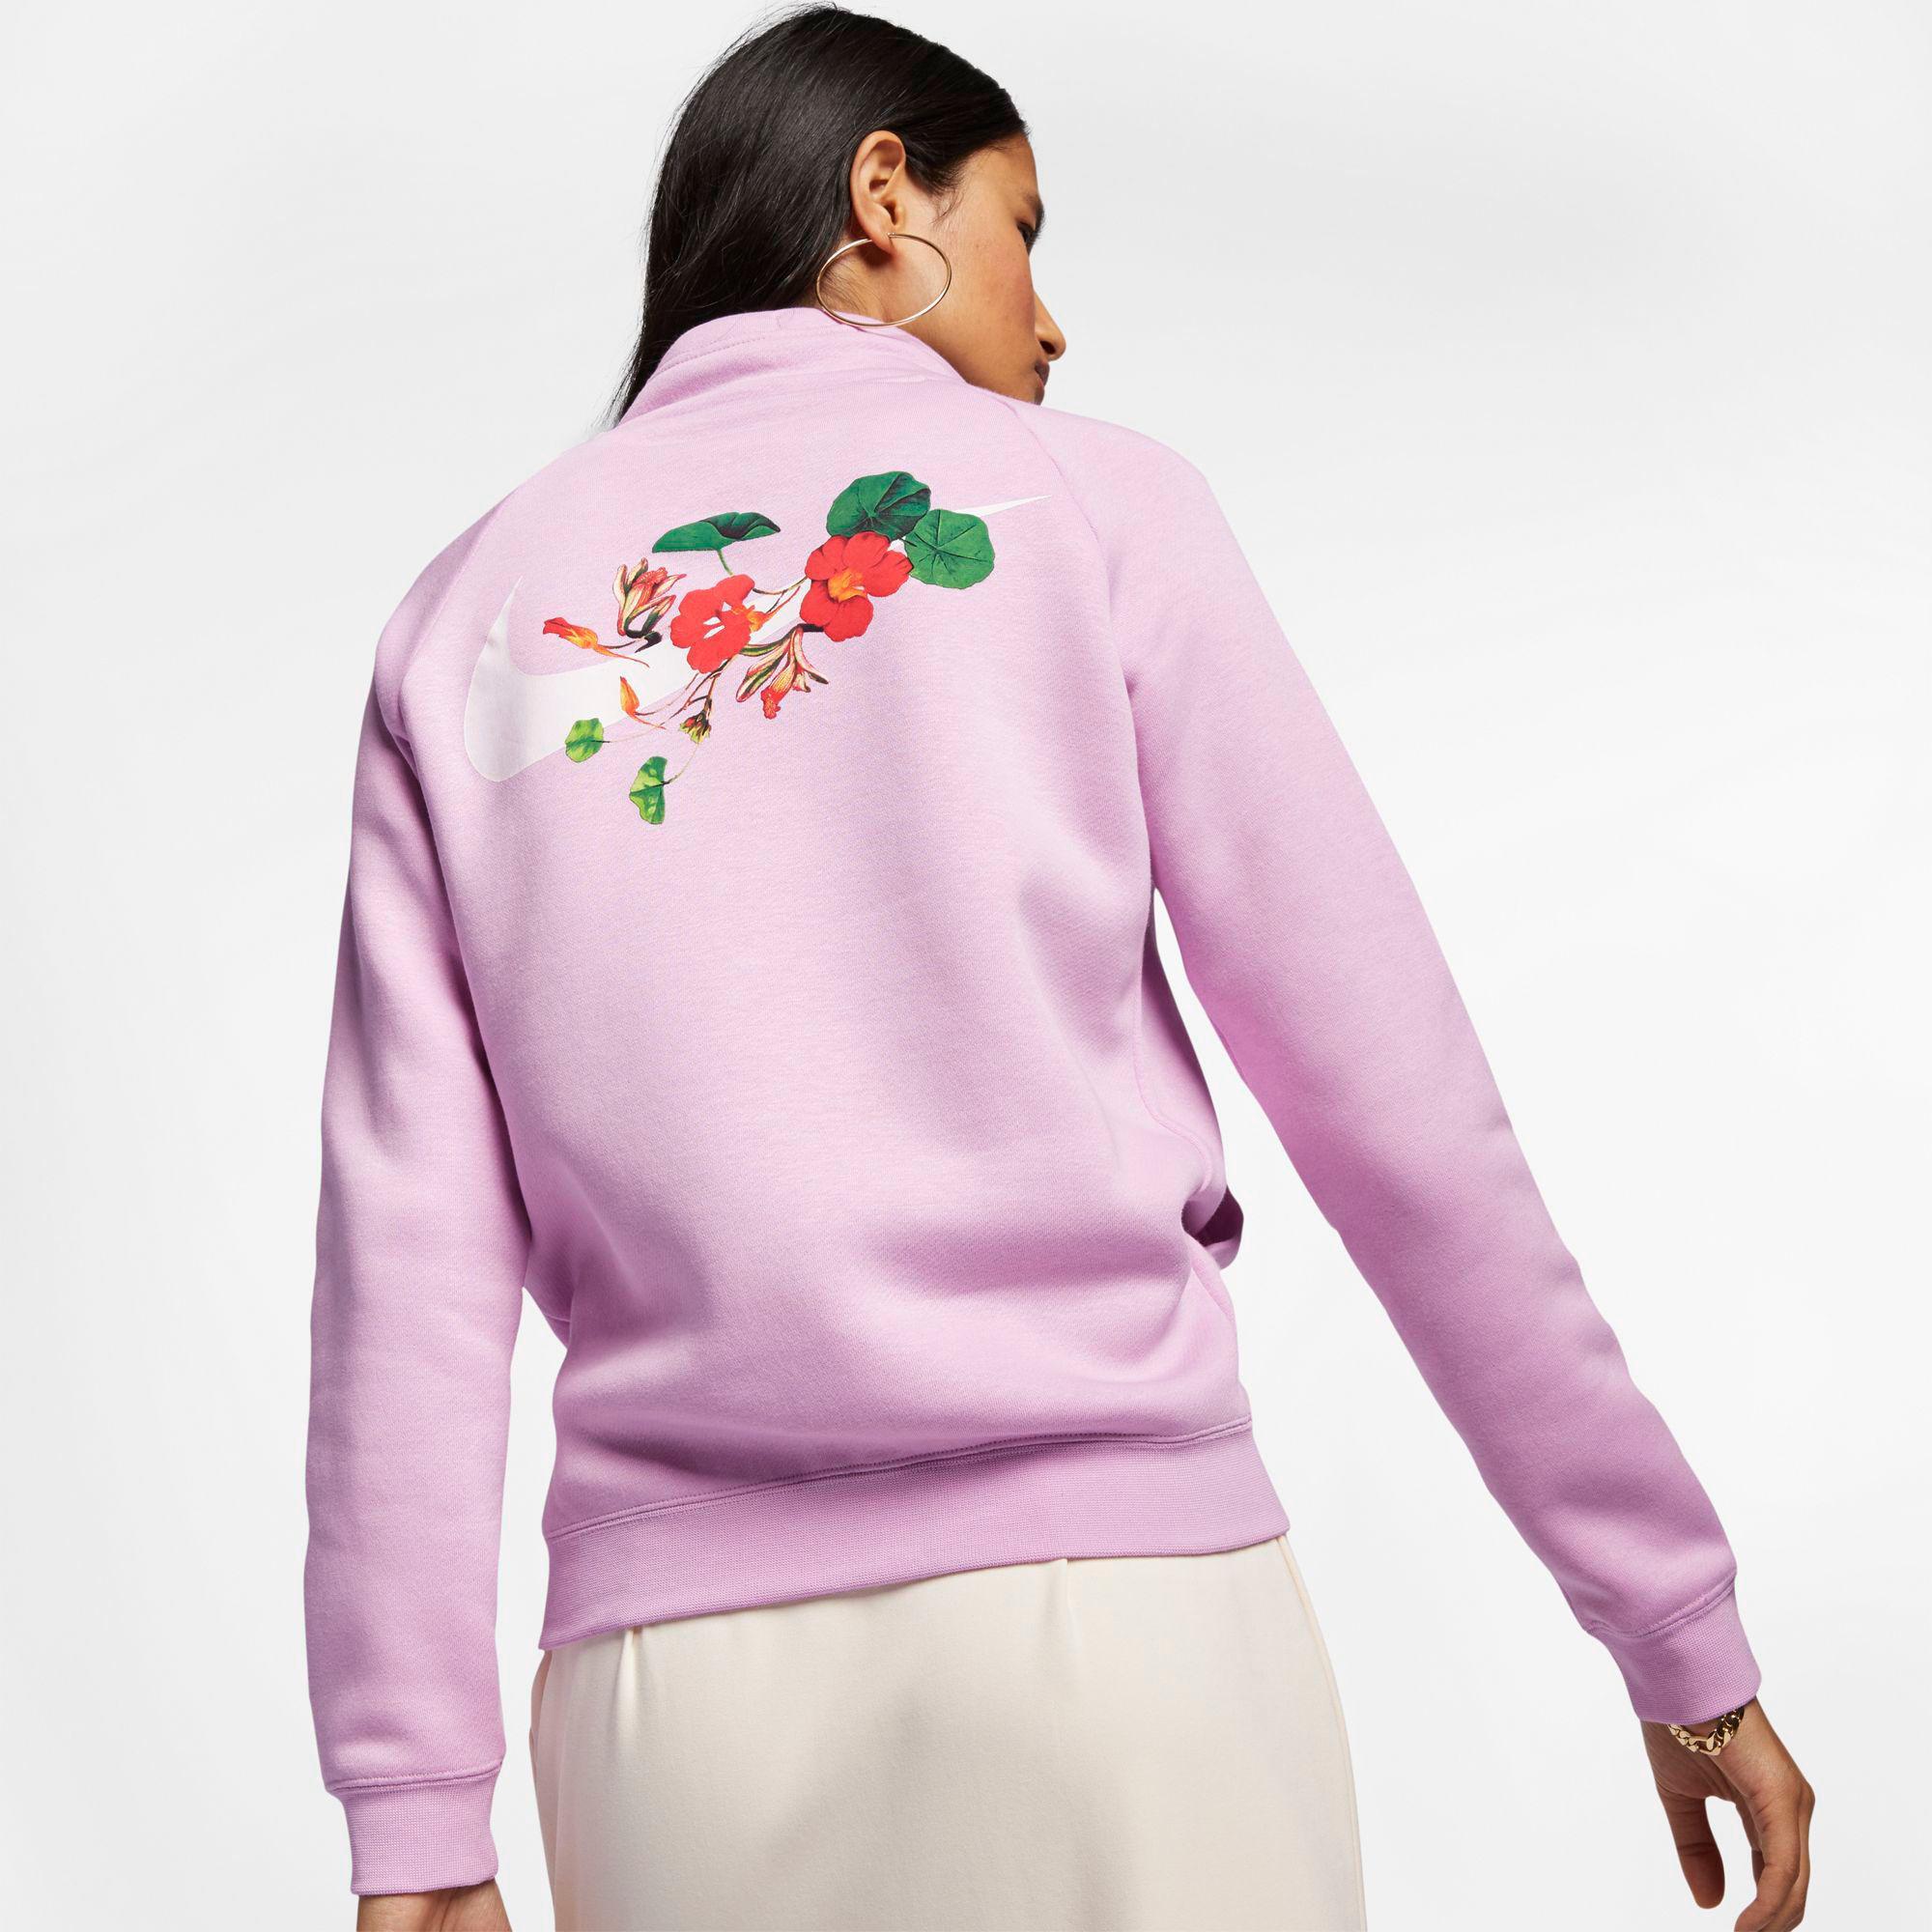 Predownload: Nike Fleece Sportswear Femme Rally Half Zip Pullover In Pink Lyst [ 2000 x 2000 Pixel ]